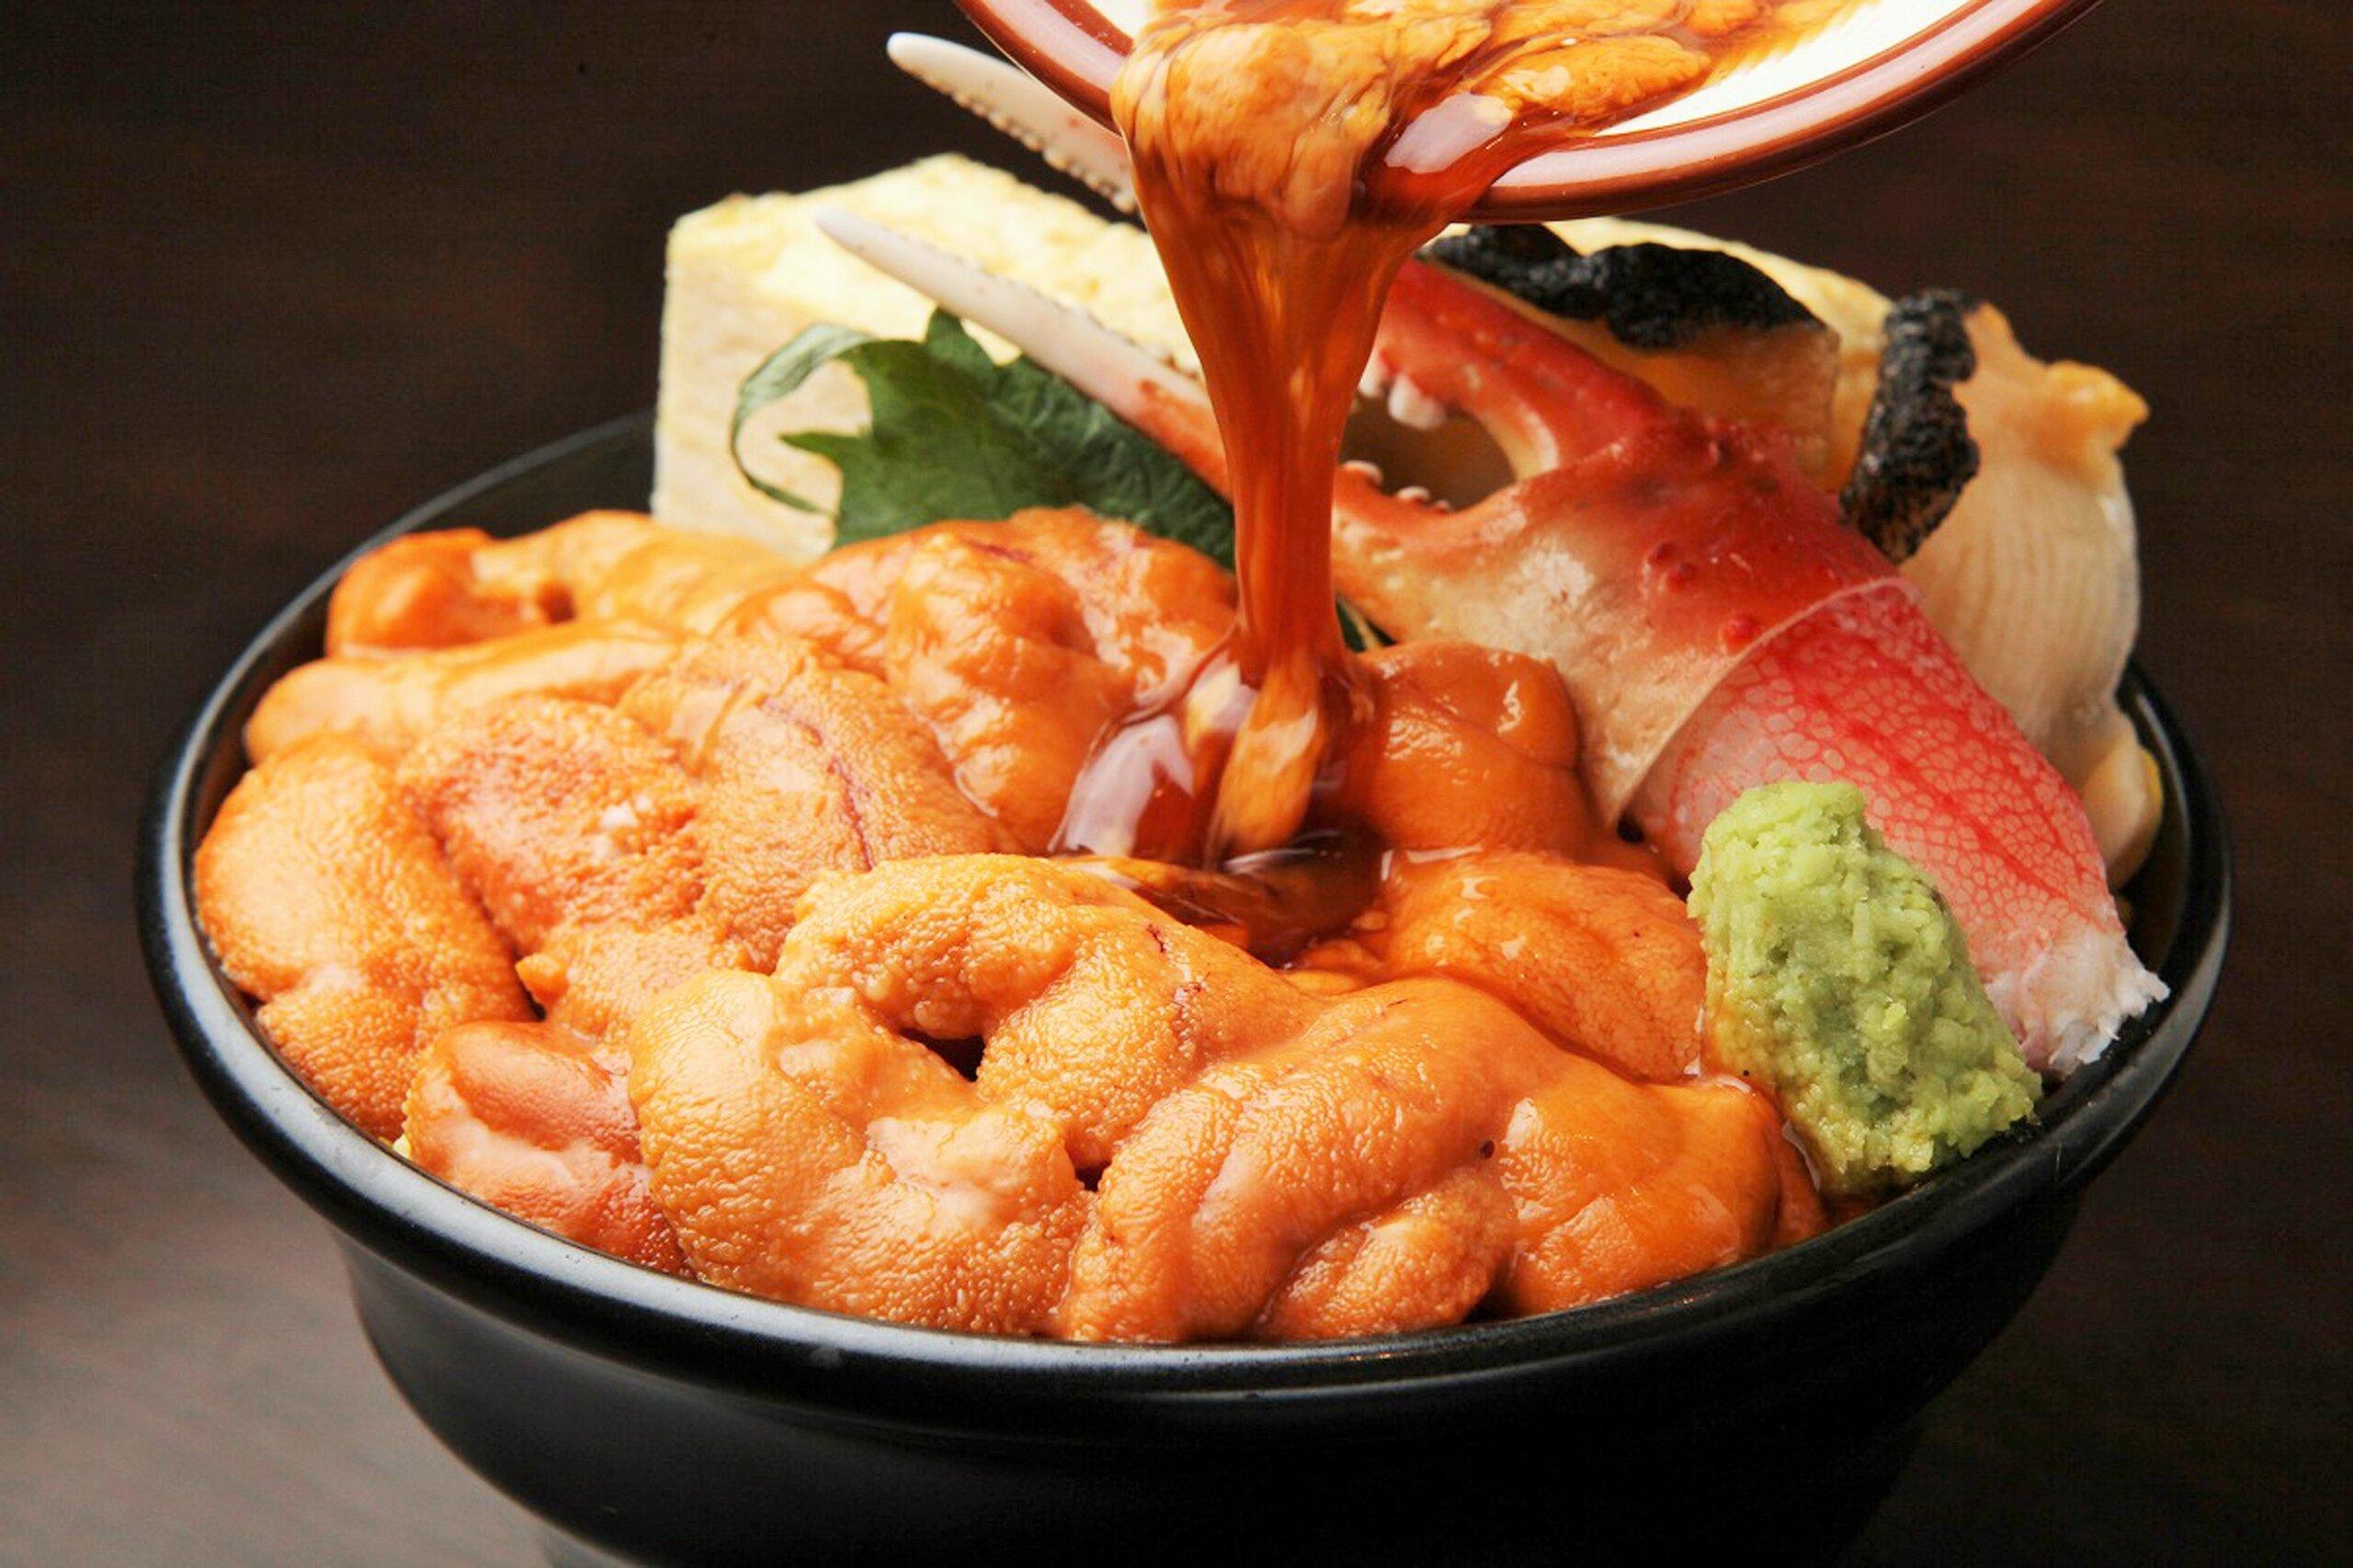 造訪北海道不容錯過的美味! 絶不踩雷的5項精選當季美食